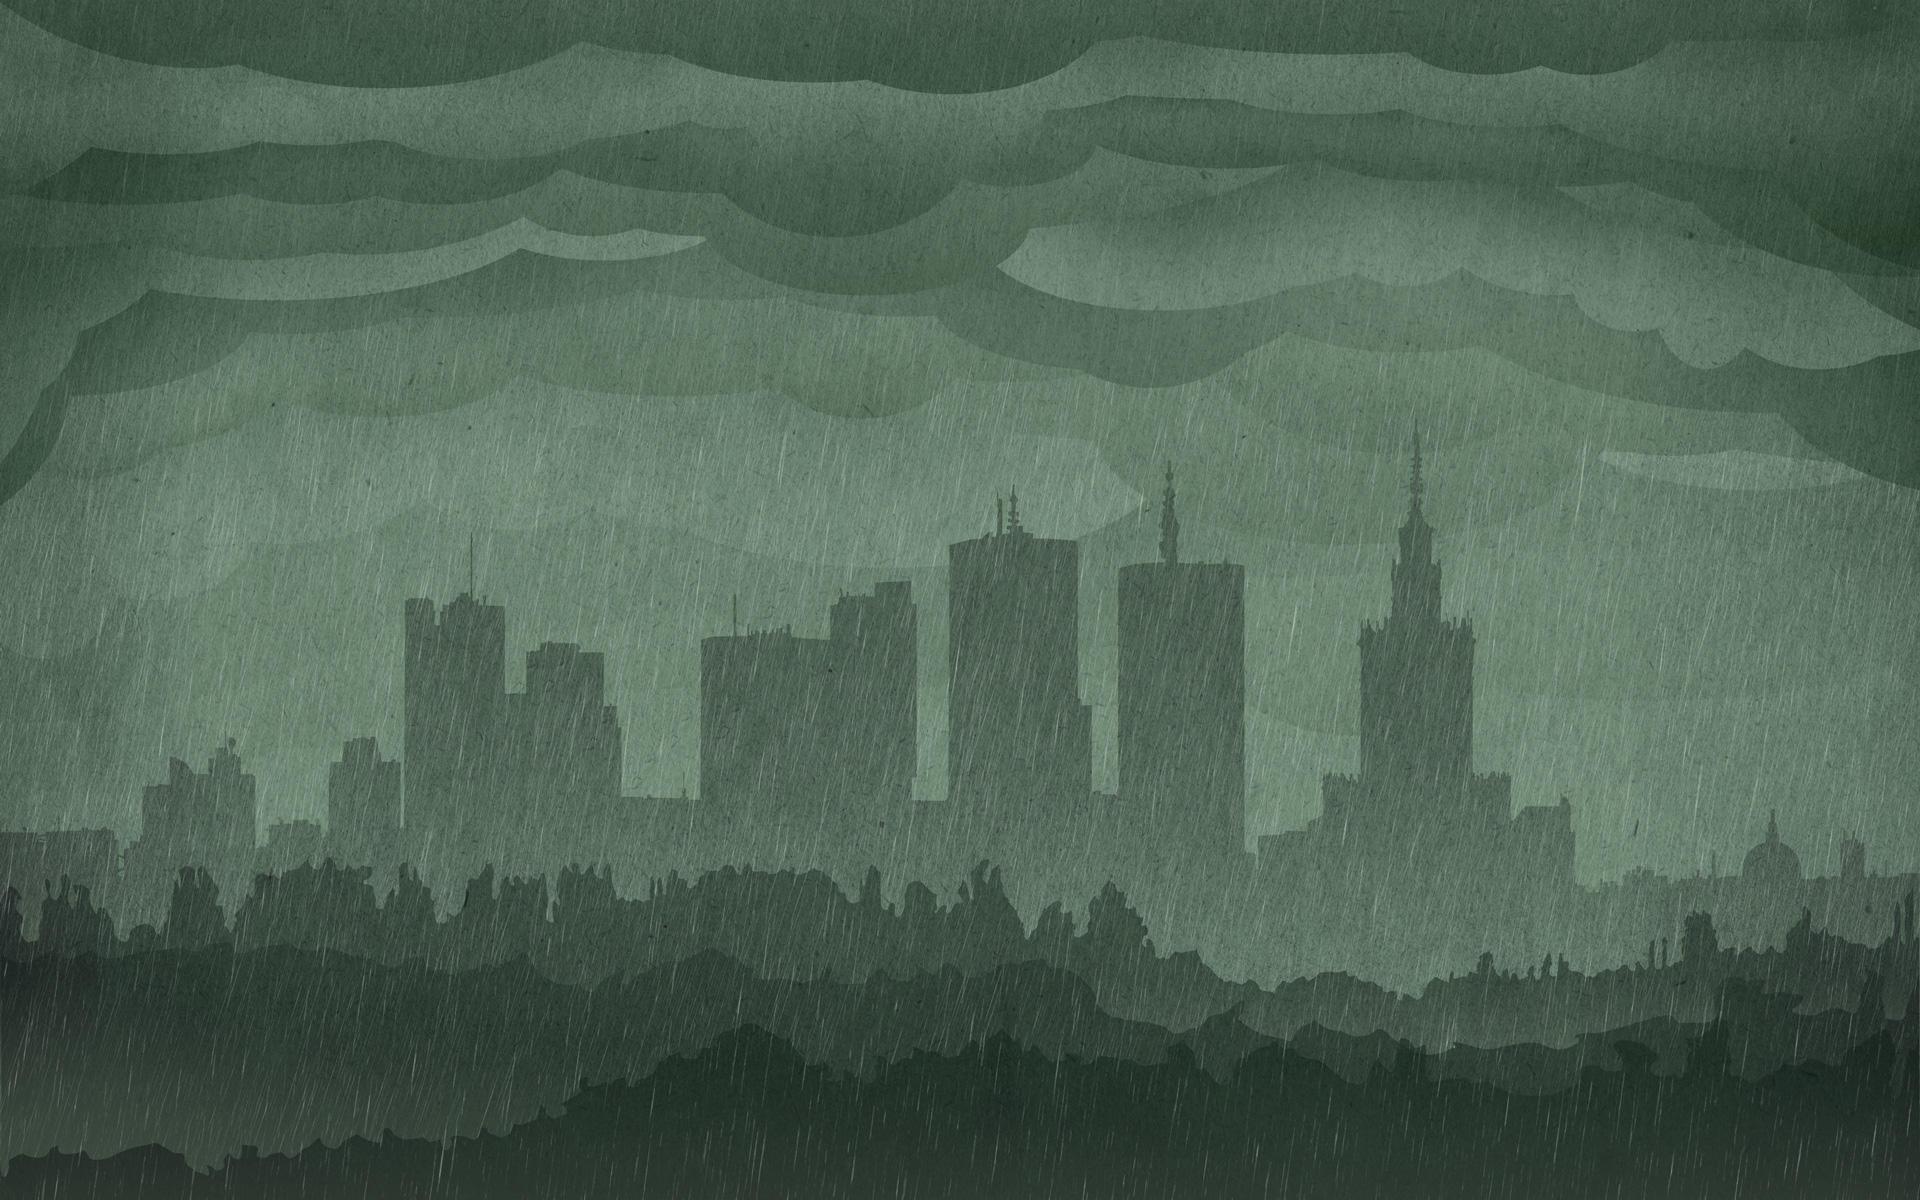 Warsaw Rainy Skyline Wallpaper by IxoliteFH